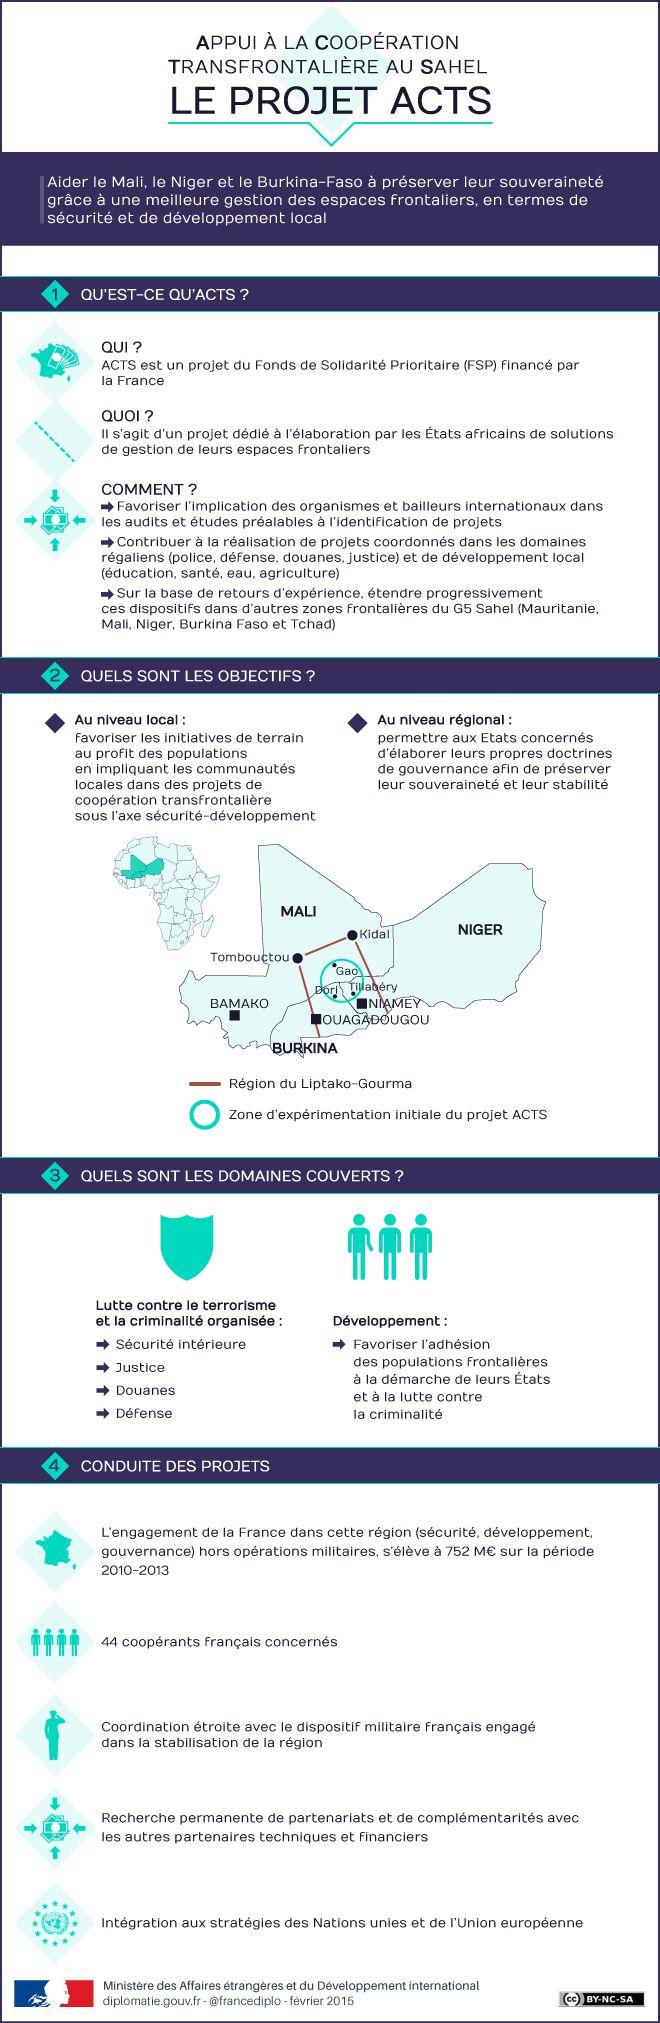 Le projet ACTS : aider le #Mali, le #Niger et le #BurkinaFaso à mieux protéger leur souveraineté grâce à une stratégie frontalière commune. Les objectifs : aider au #développement et lutter contre le #terrorisme #Sahel